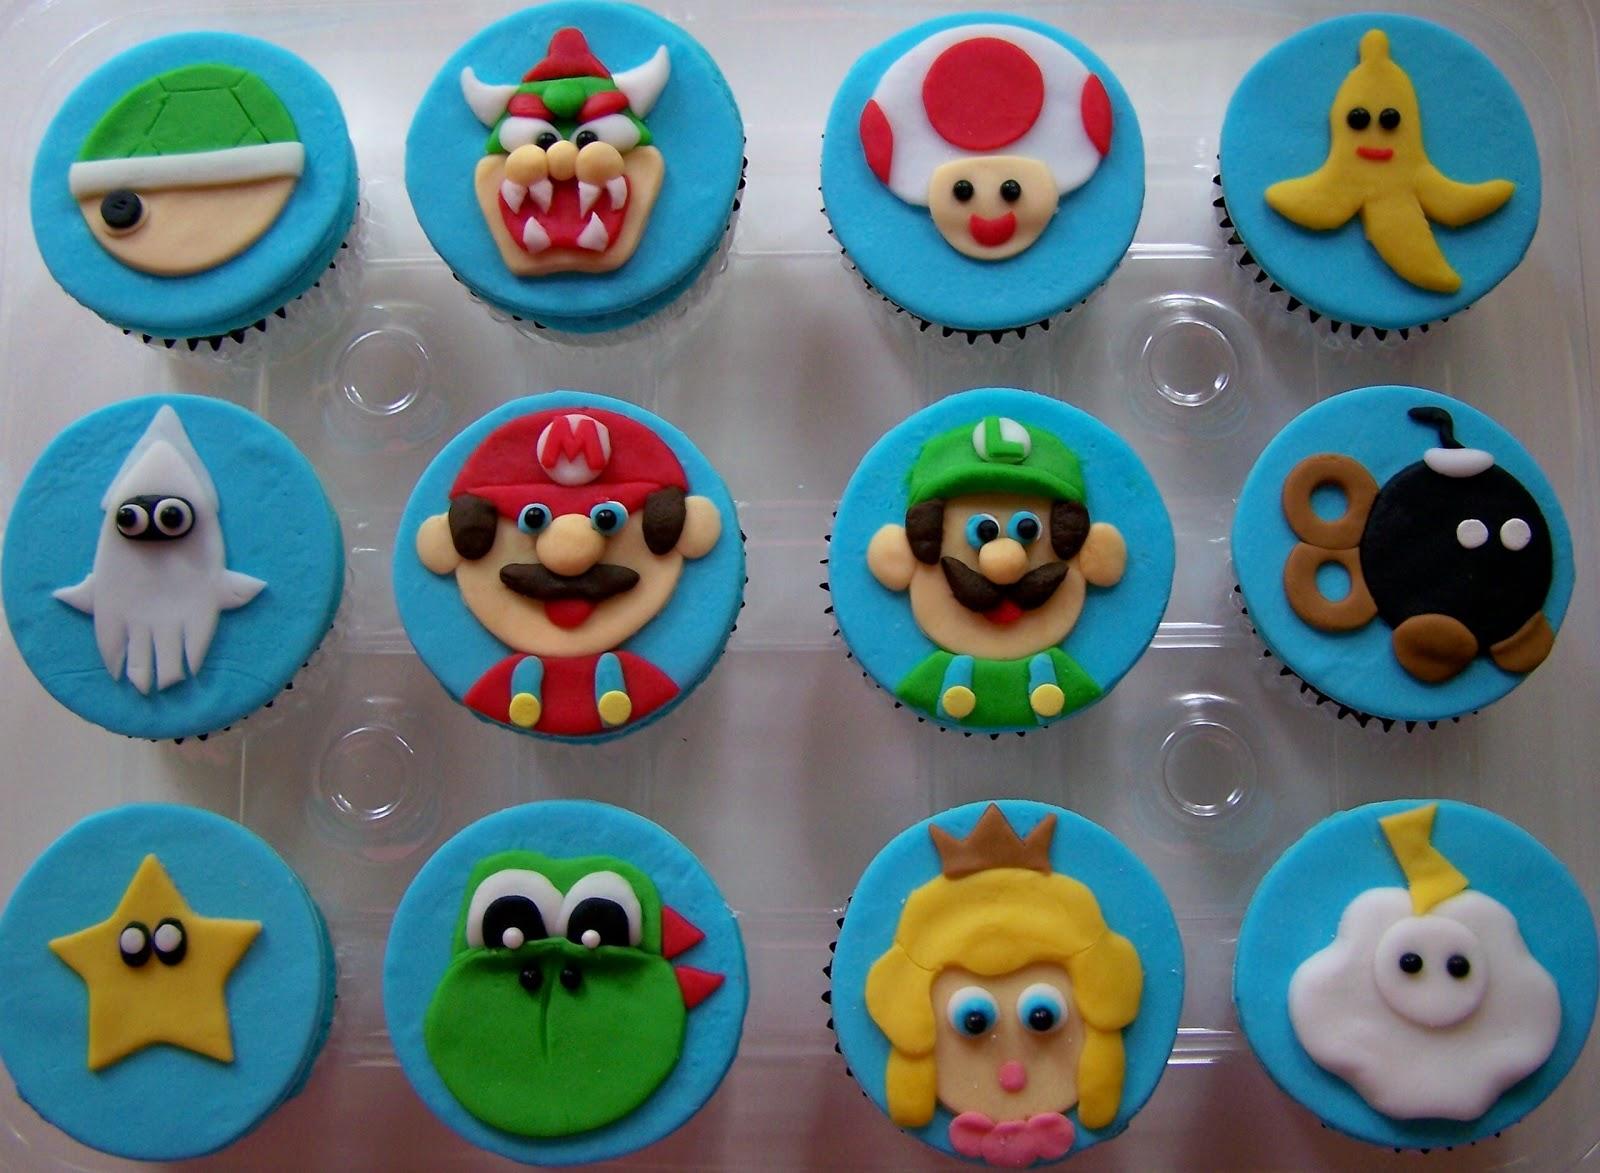 Oven Lovin Mario Kart Cupcakes